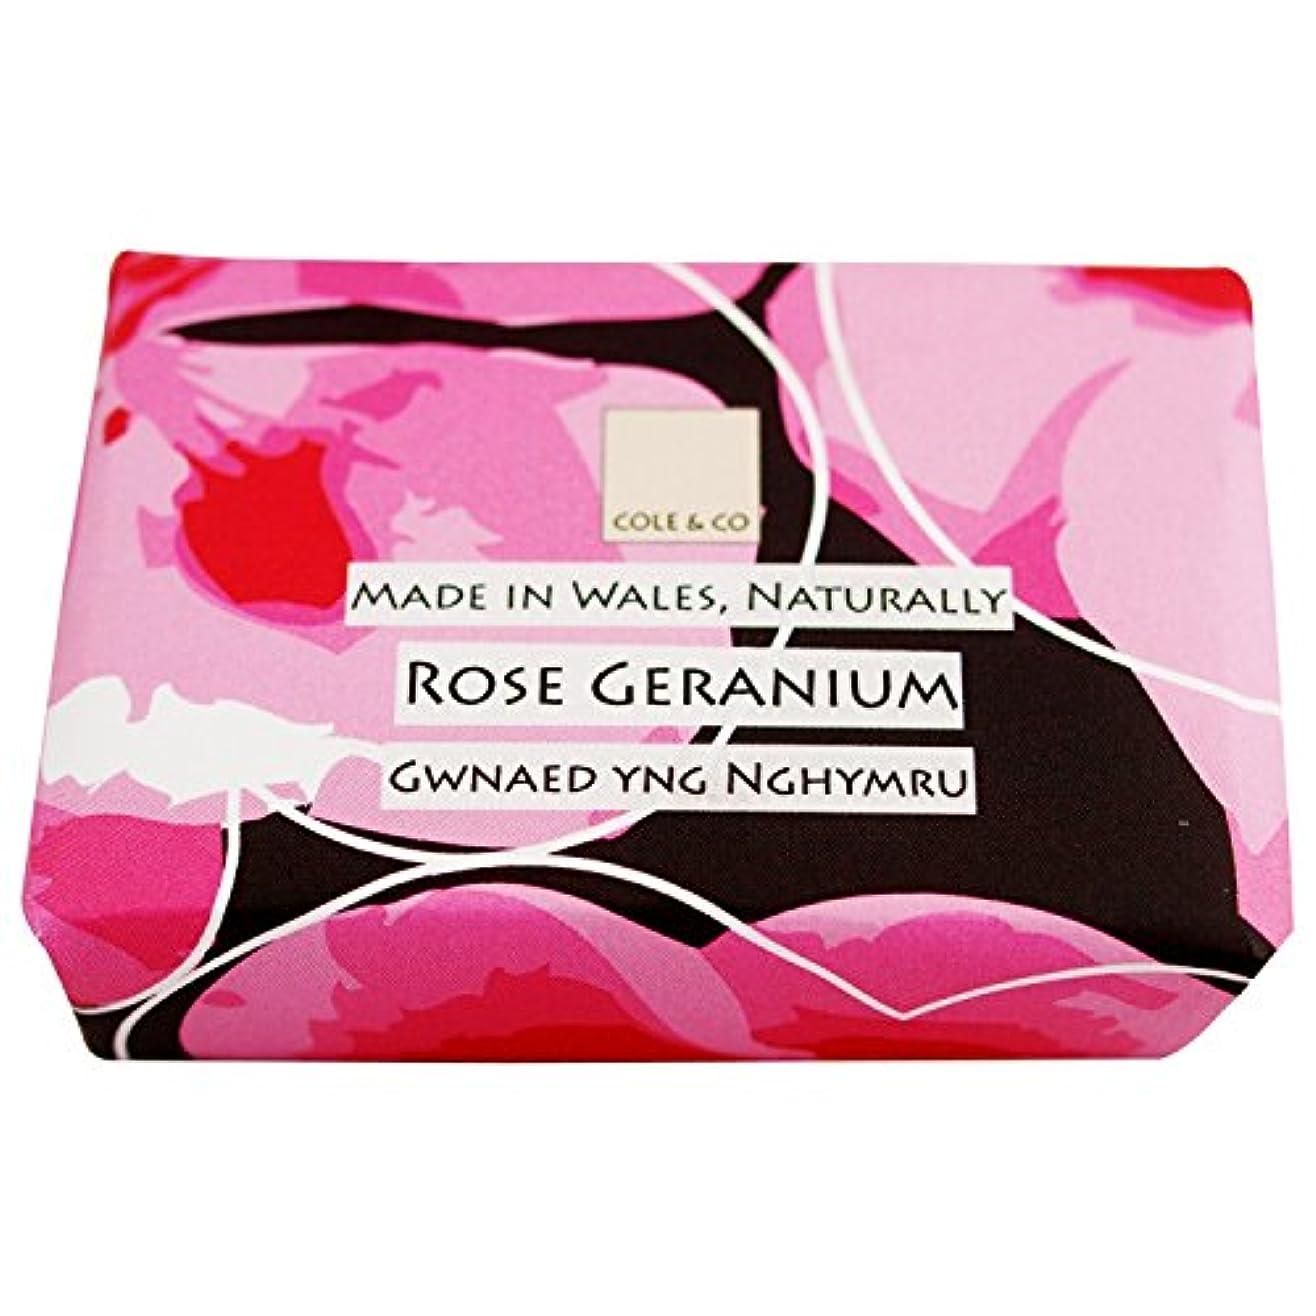 検索エンジンマーケティング微妙店主コール&Coはゼラニウム石鹸80グラムのバラ (Cole & Co) (x6) - Cole & Co Rose Geranium Soap 80g (Pack of 6) [並行輸入品]